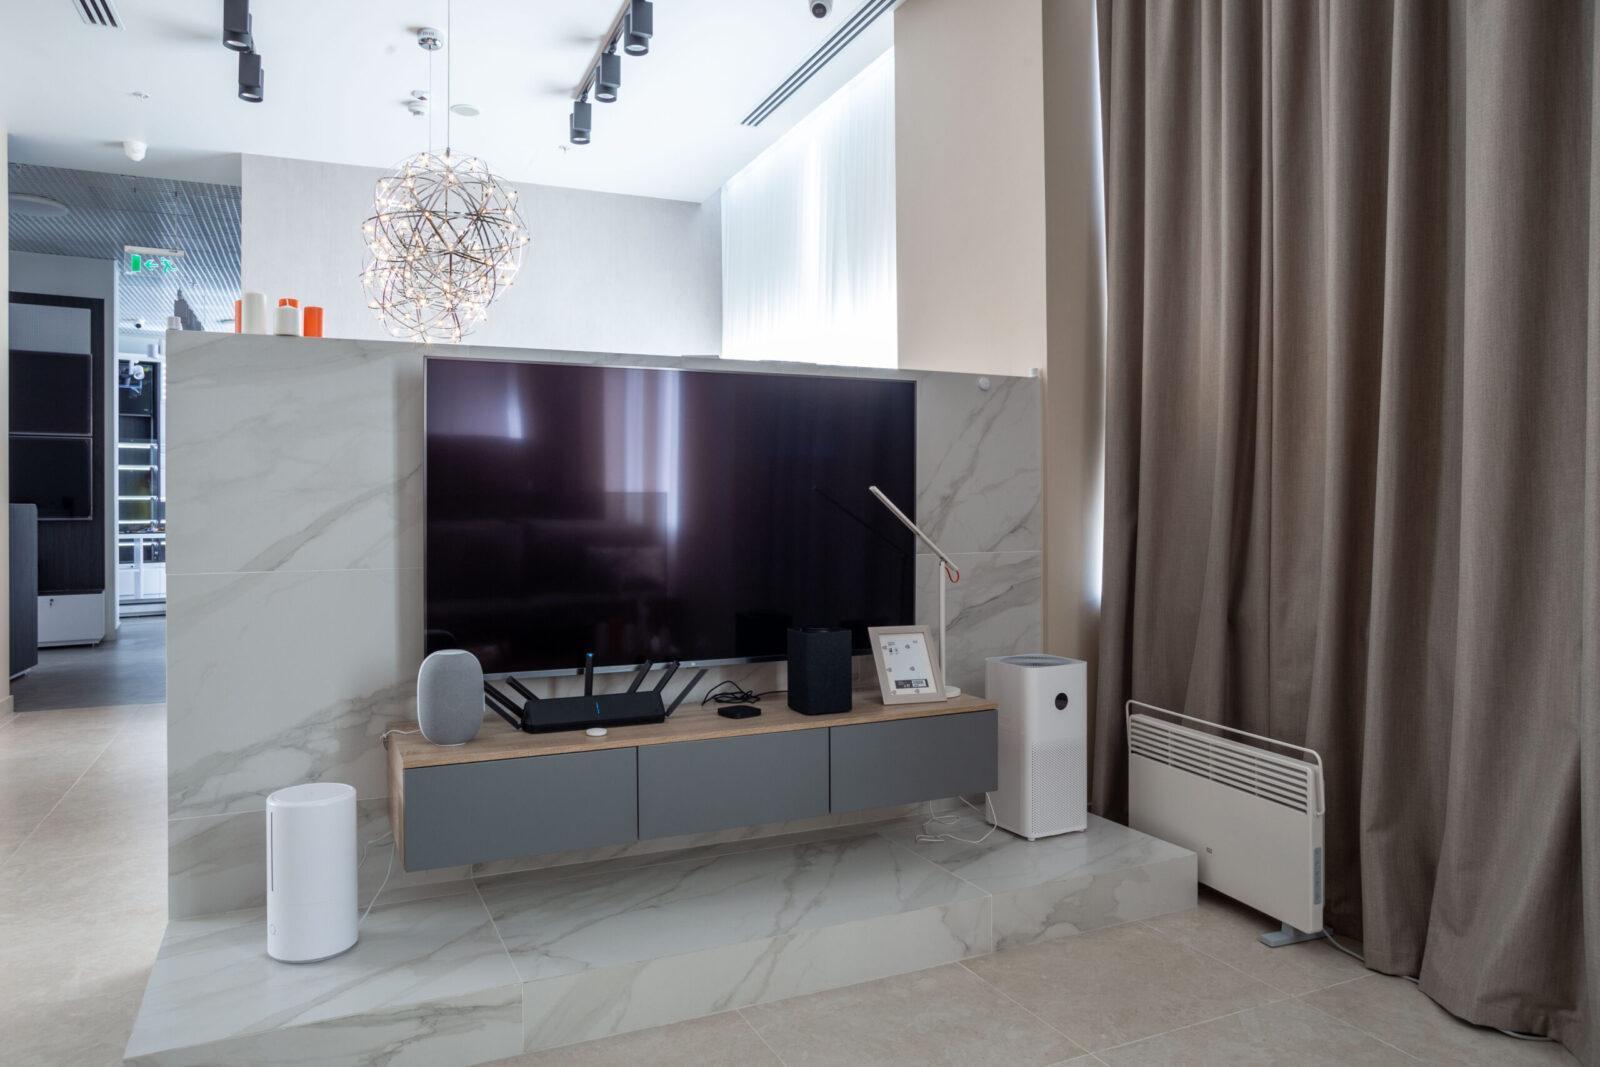 Xiaomi открыла в Москве пространство с умной техникой для дома (img 7973 hdr scaled)